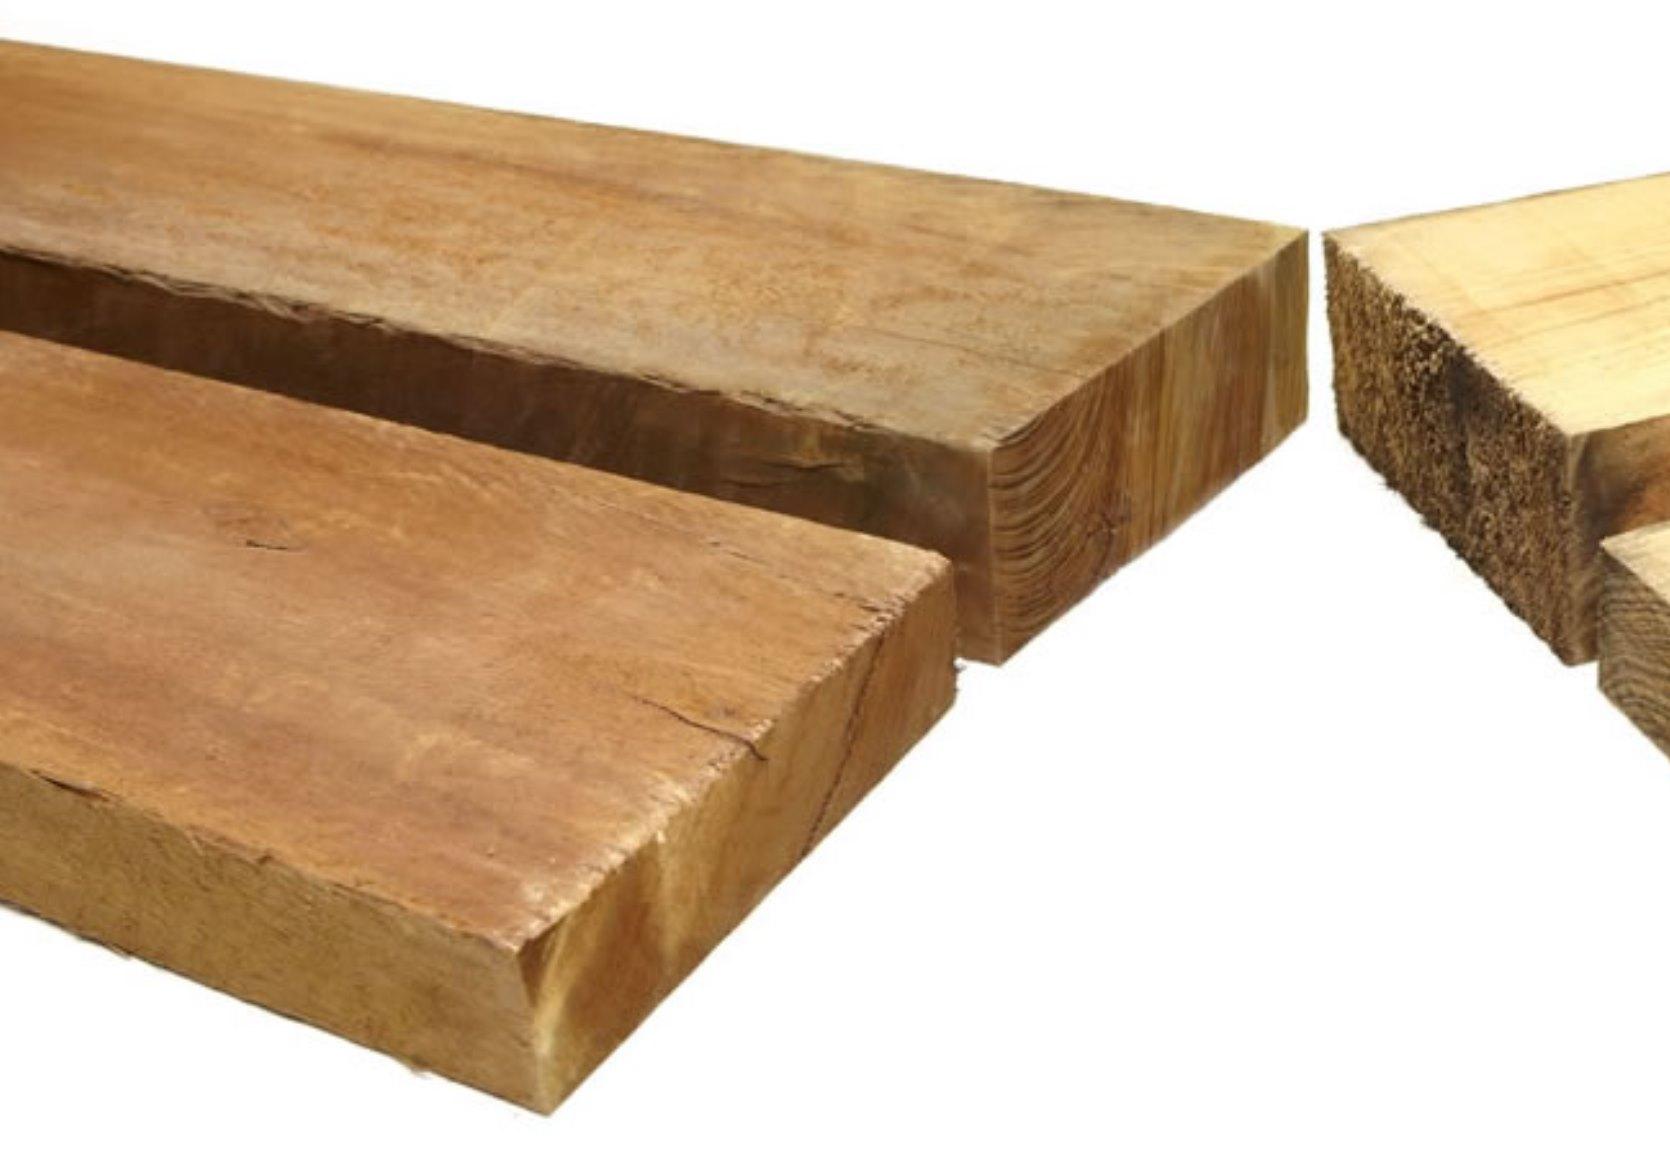 200mm Pine and Hardwood Sleepers